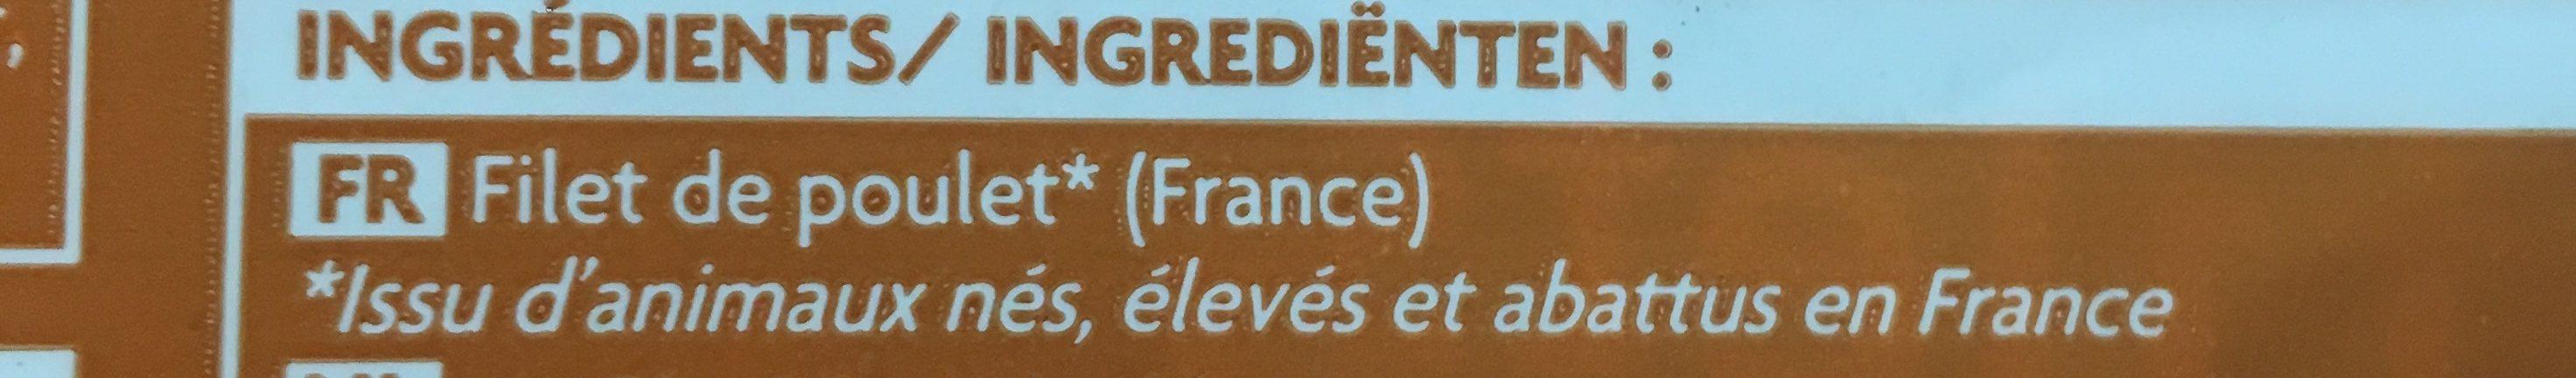 2 Filets de Poulet de Classe A - Ingredients